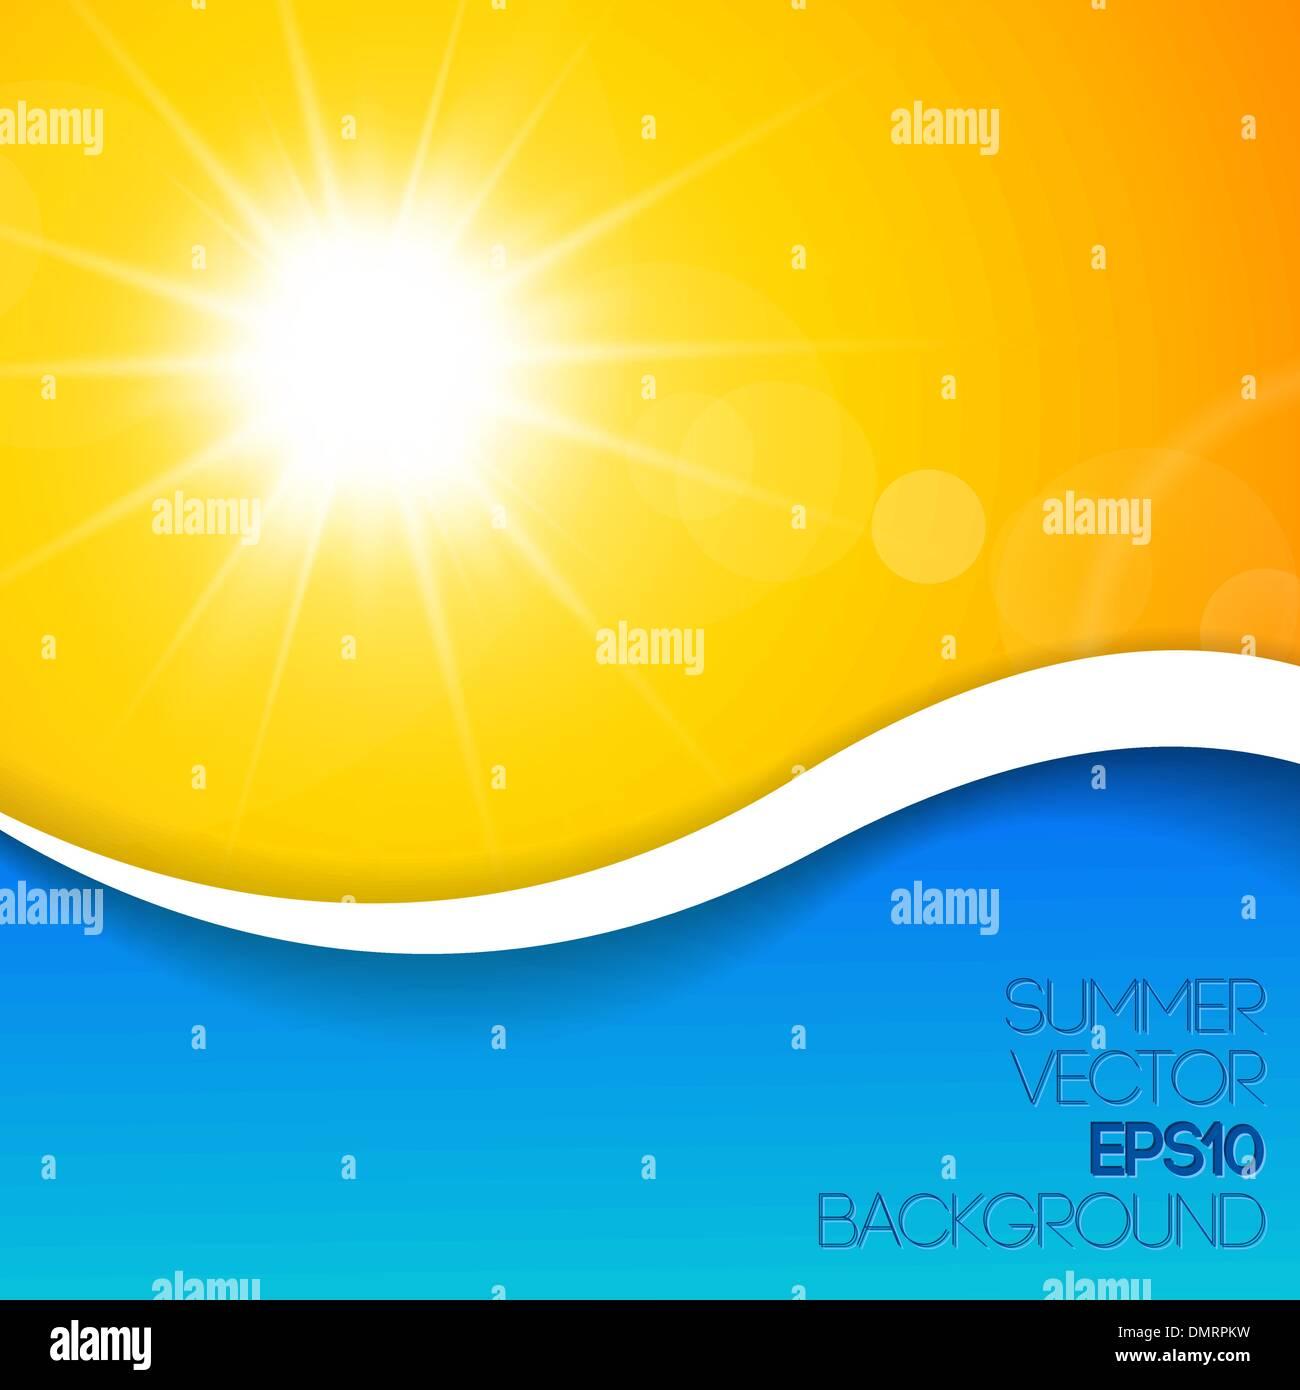 Fondo de verano con lugar para tu contenido Imagen De Stock